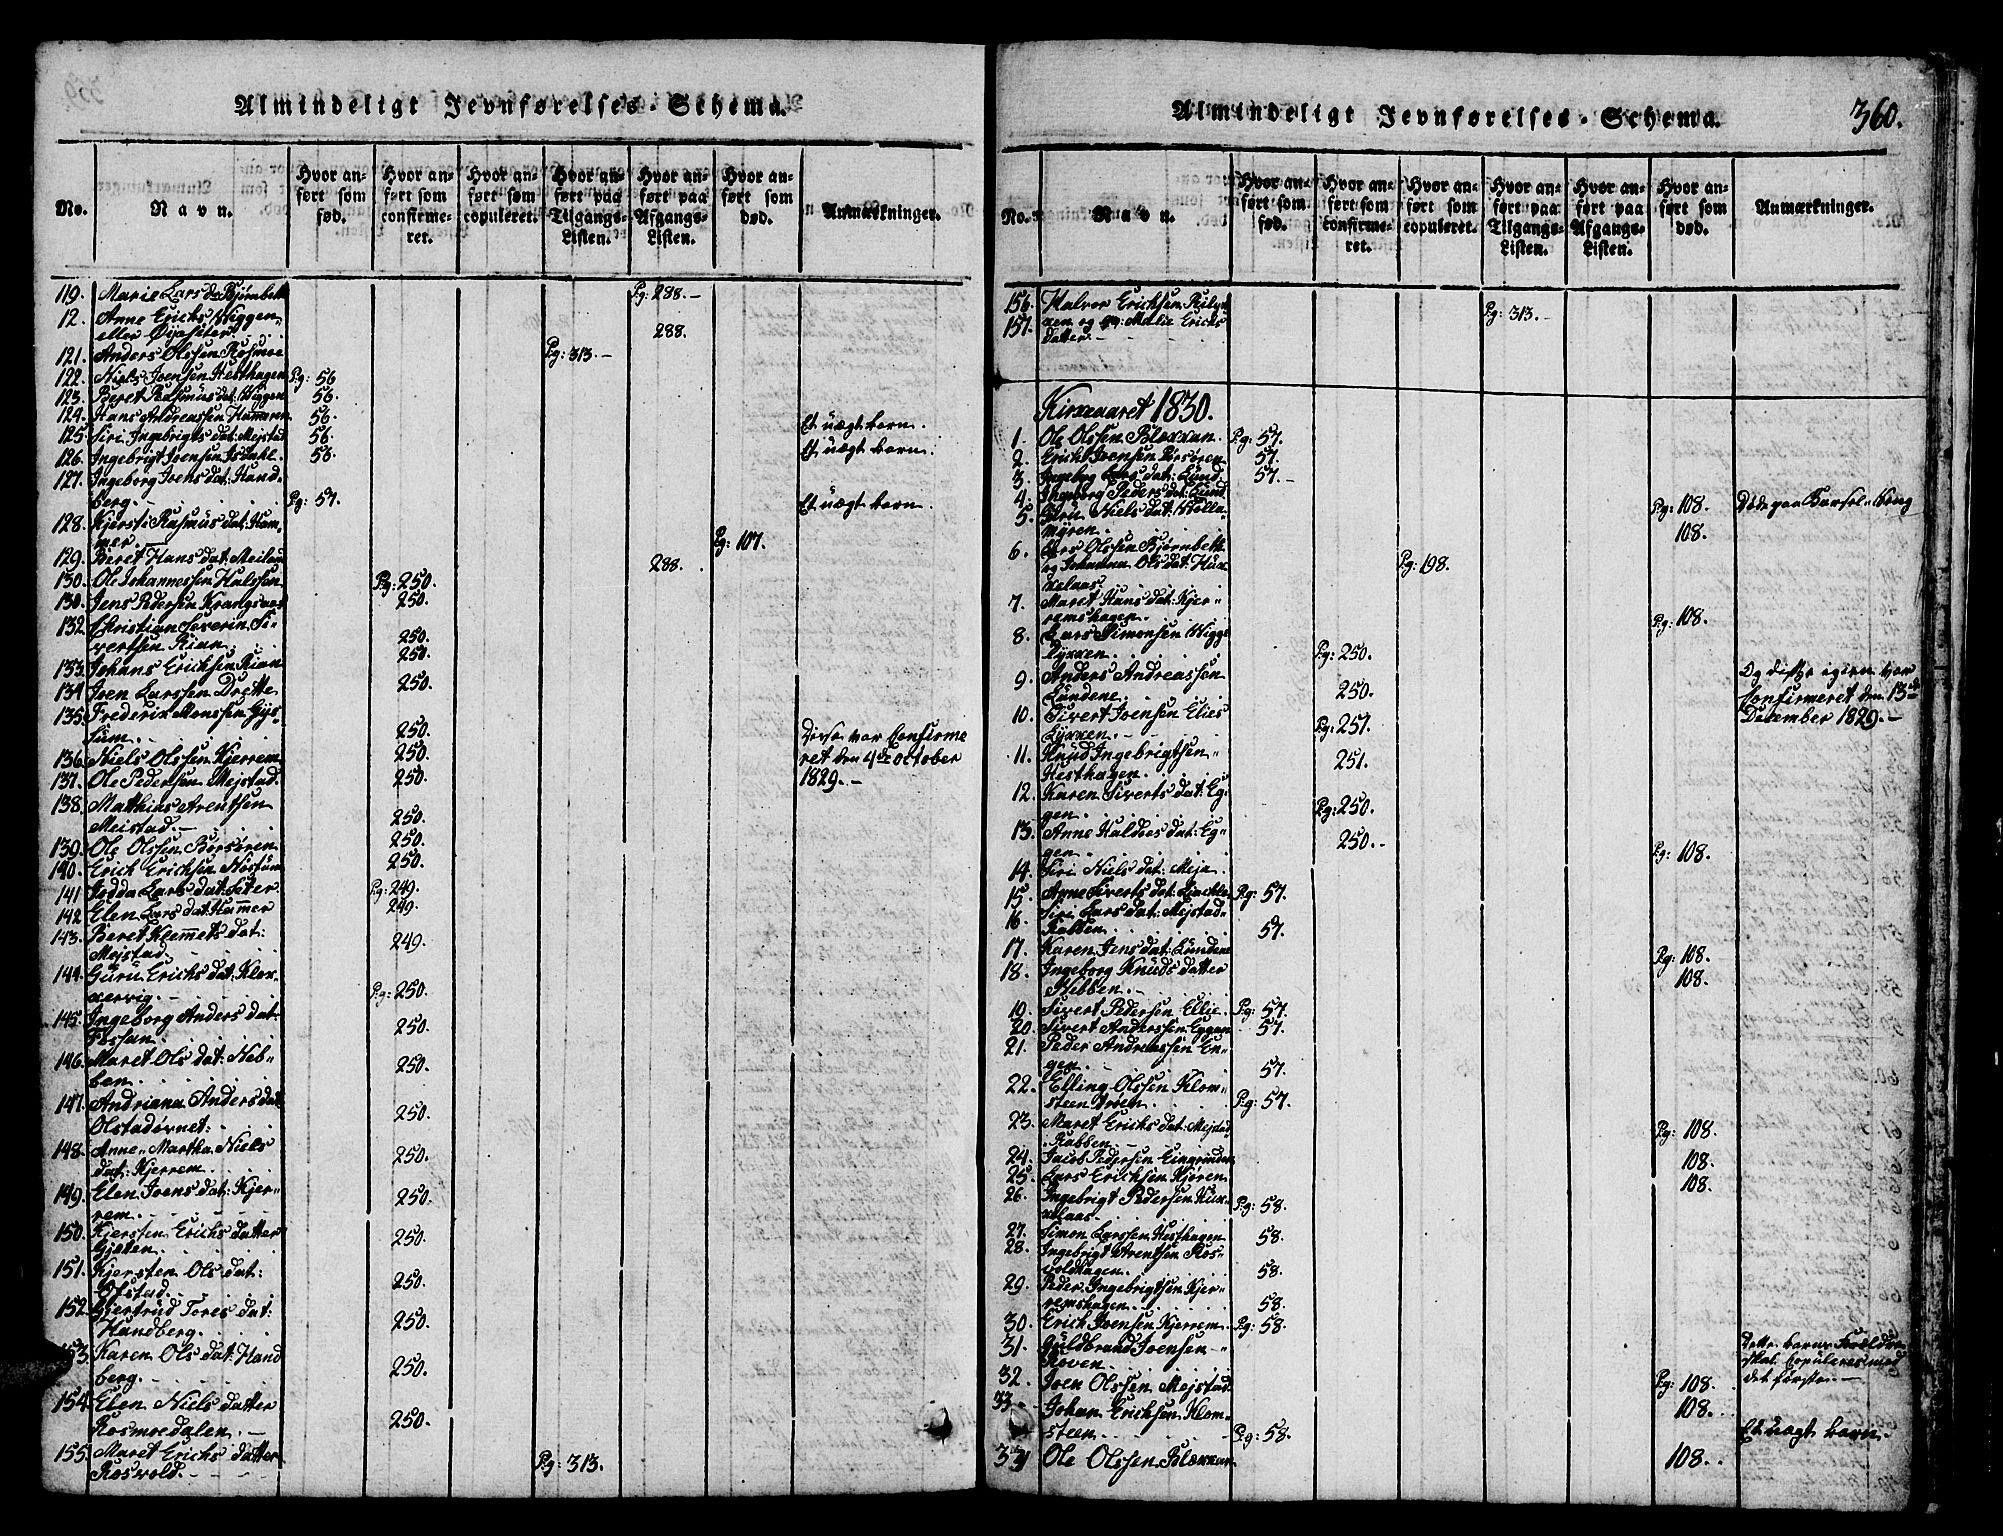 SAT, Ministerialprotokoller, klokkerbøker og fødselsregistre - Sør-Trøndelag, 665/L0776: Klokkerbok nr. 665C01, 1817-1837, s. 360